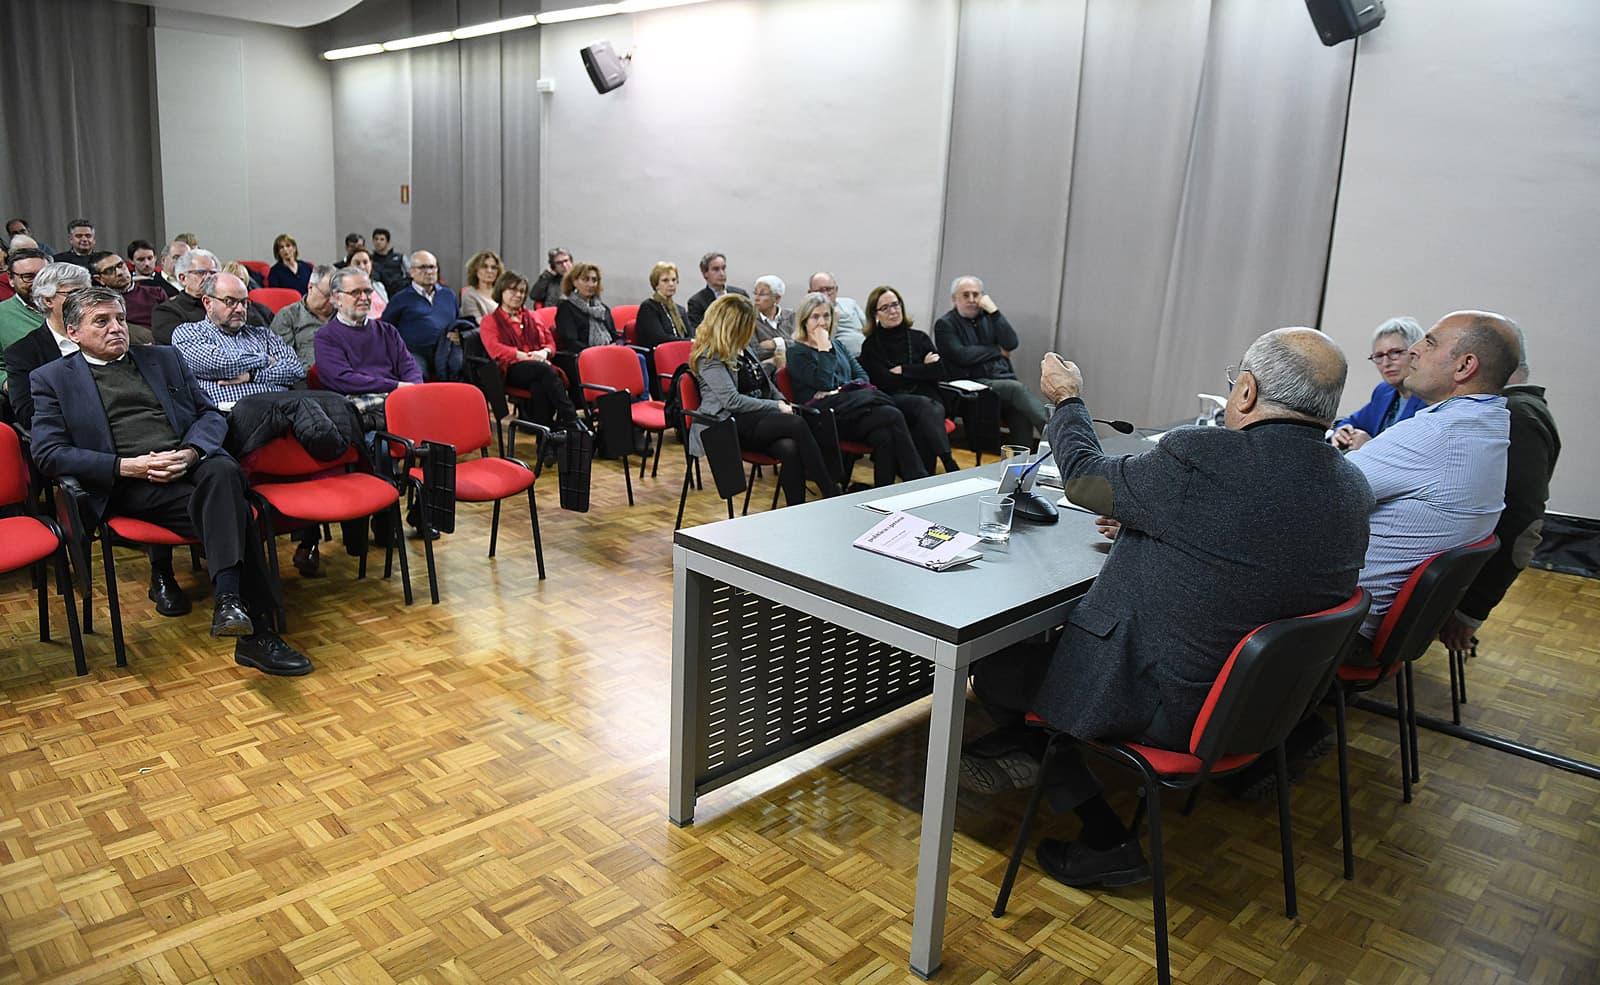 Presentació del número 16 de 'política&prosa' a Girona. Fotografia de Xavier Jubierre